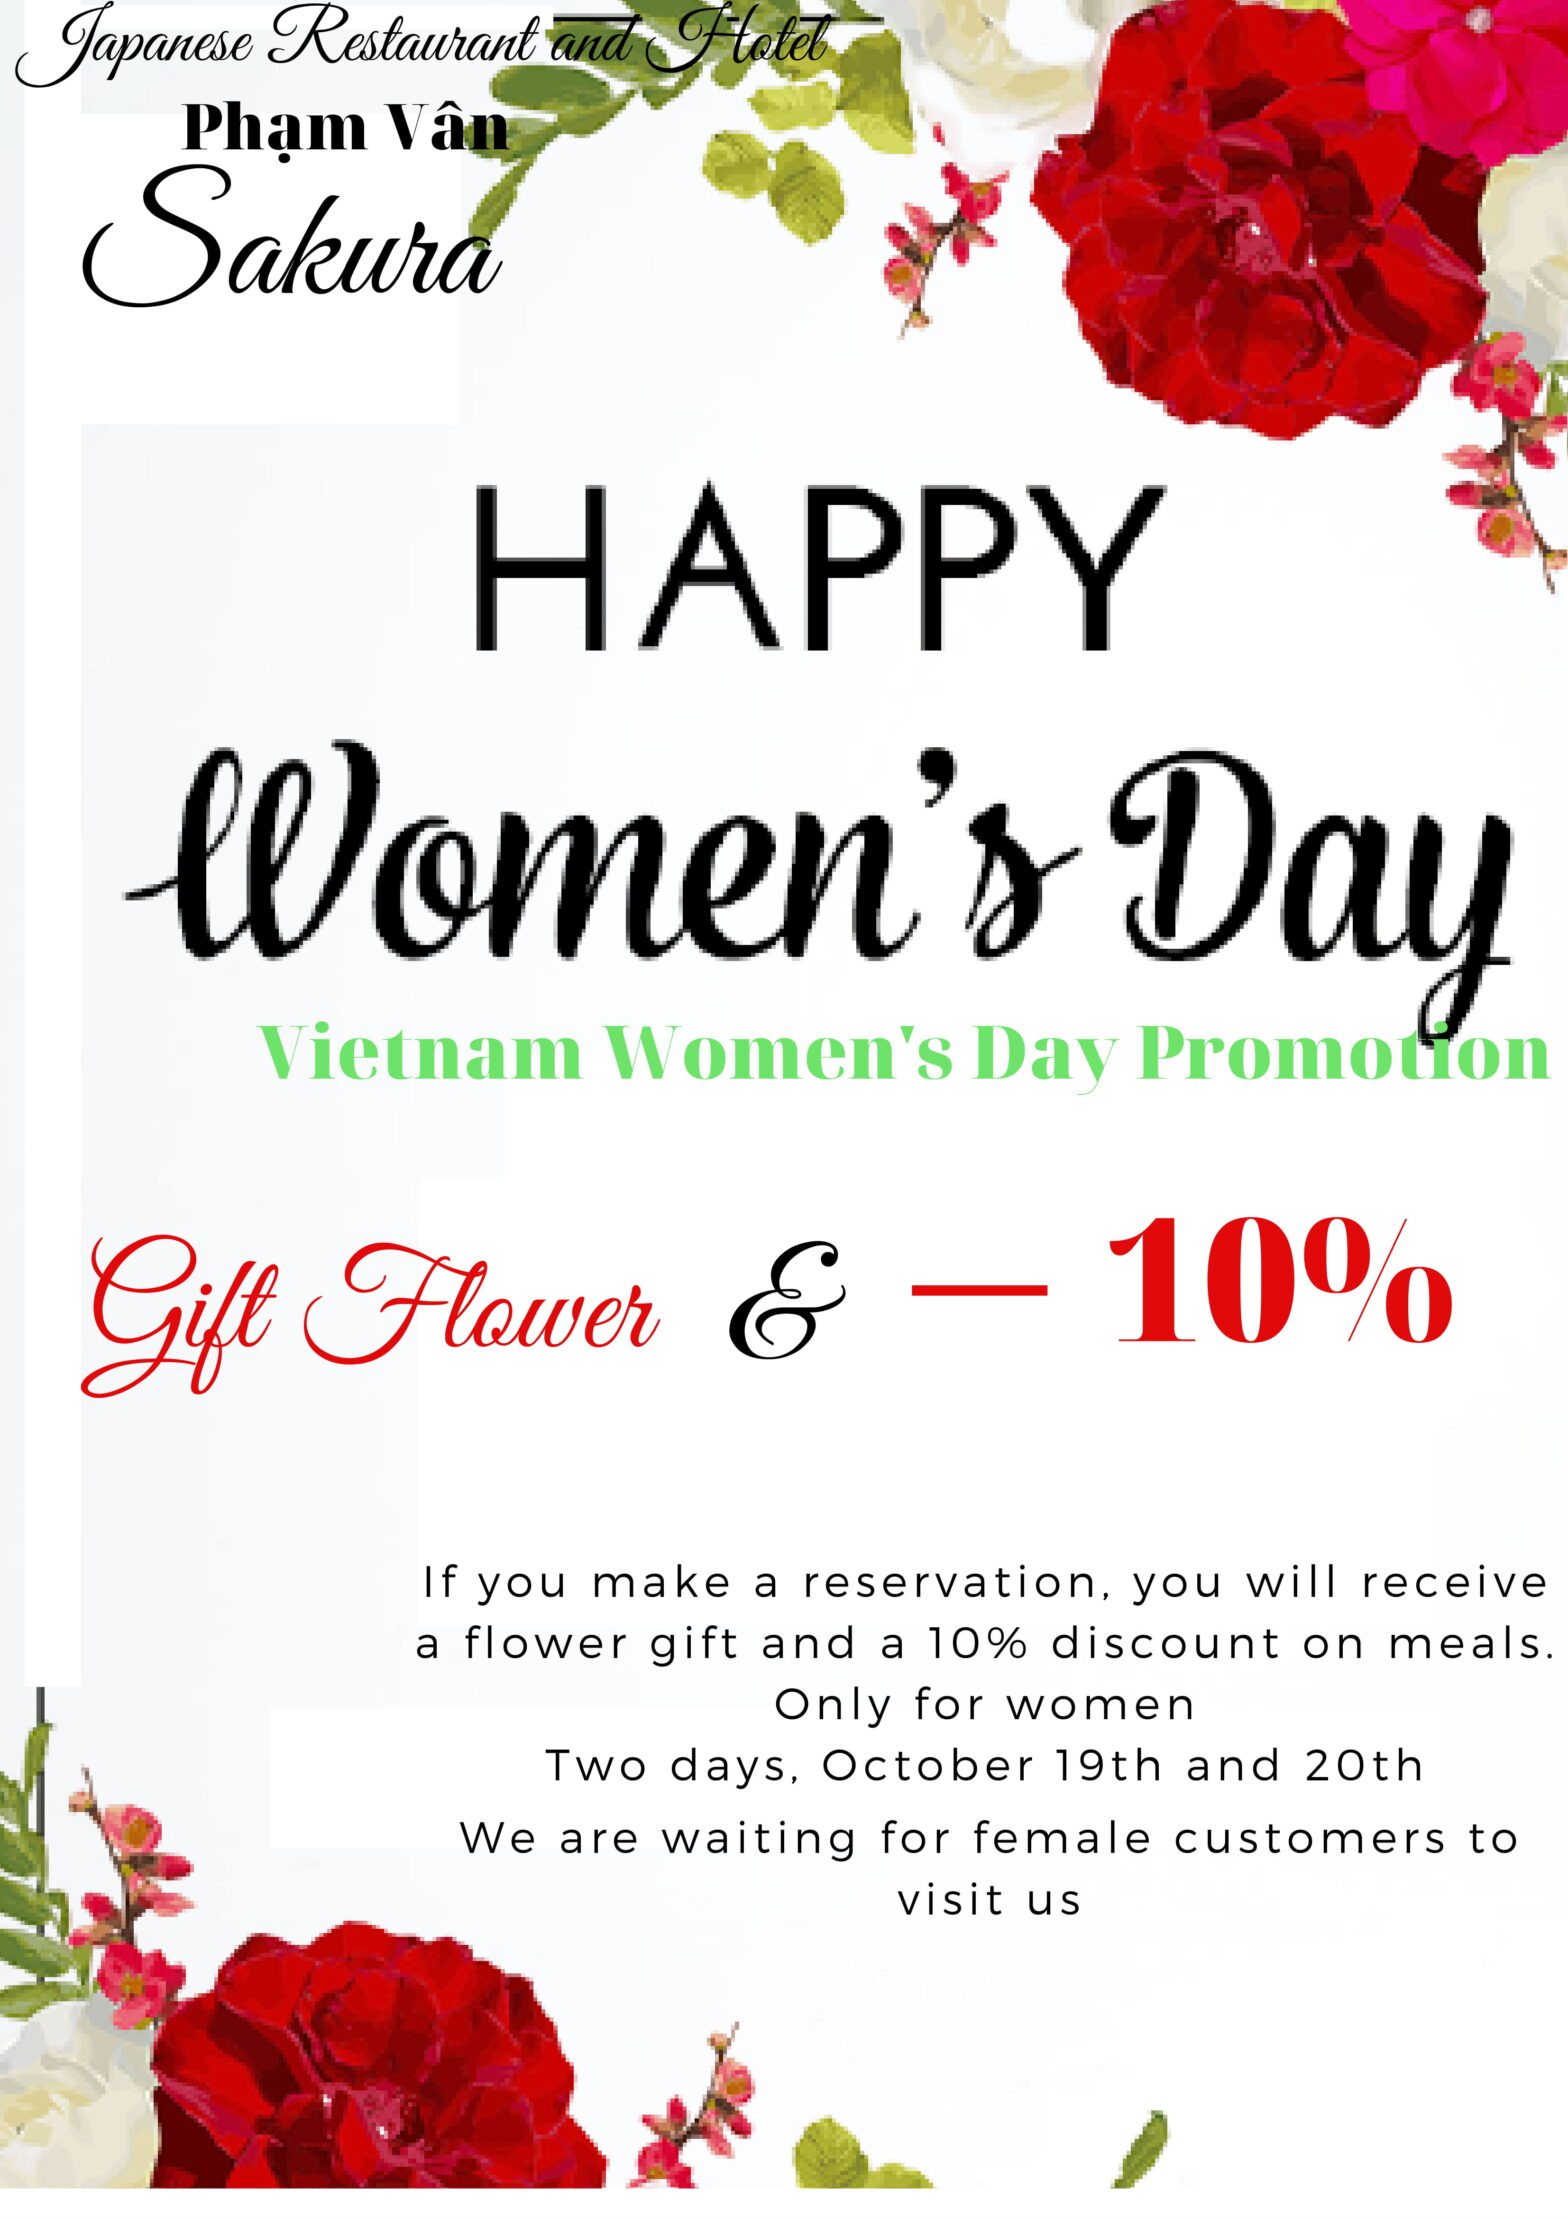 ベトナム女性の日プロモーション